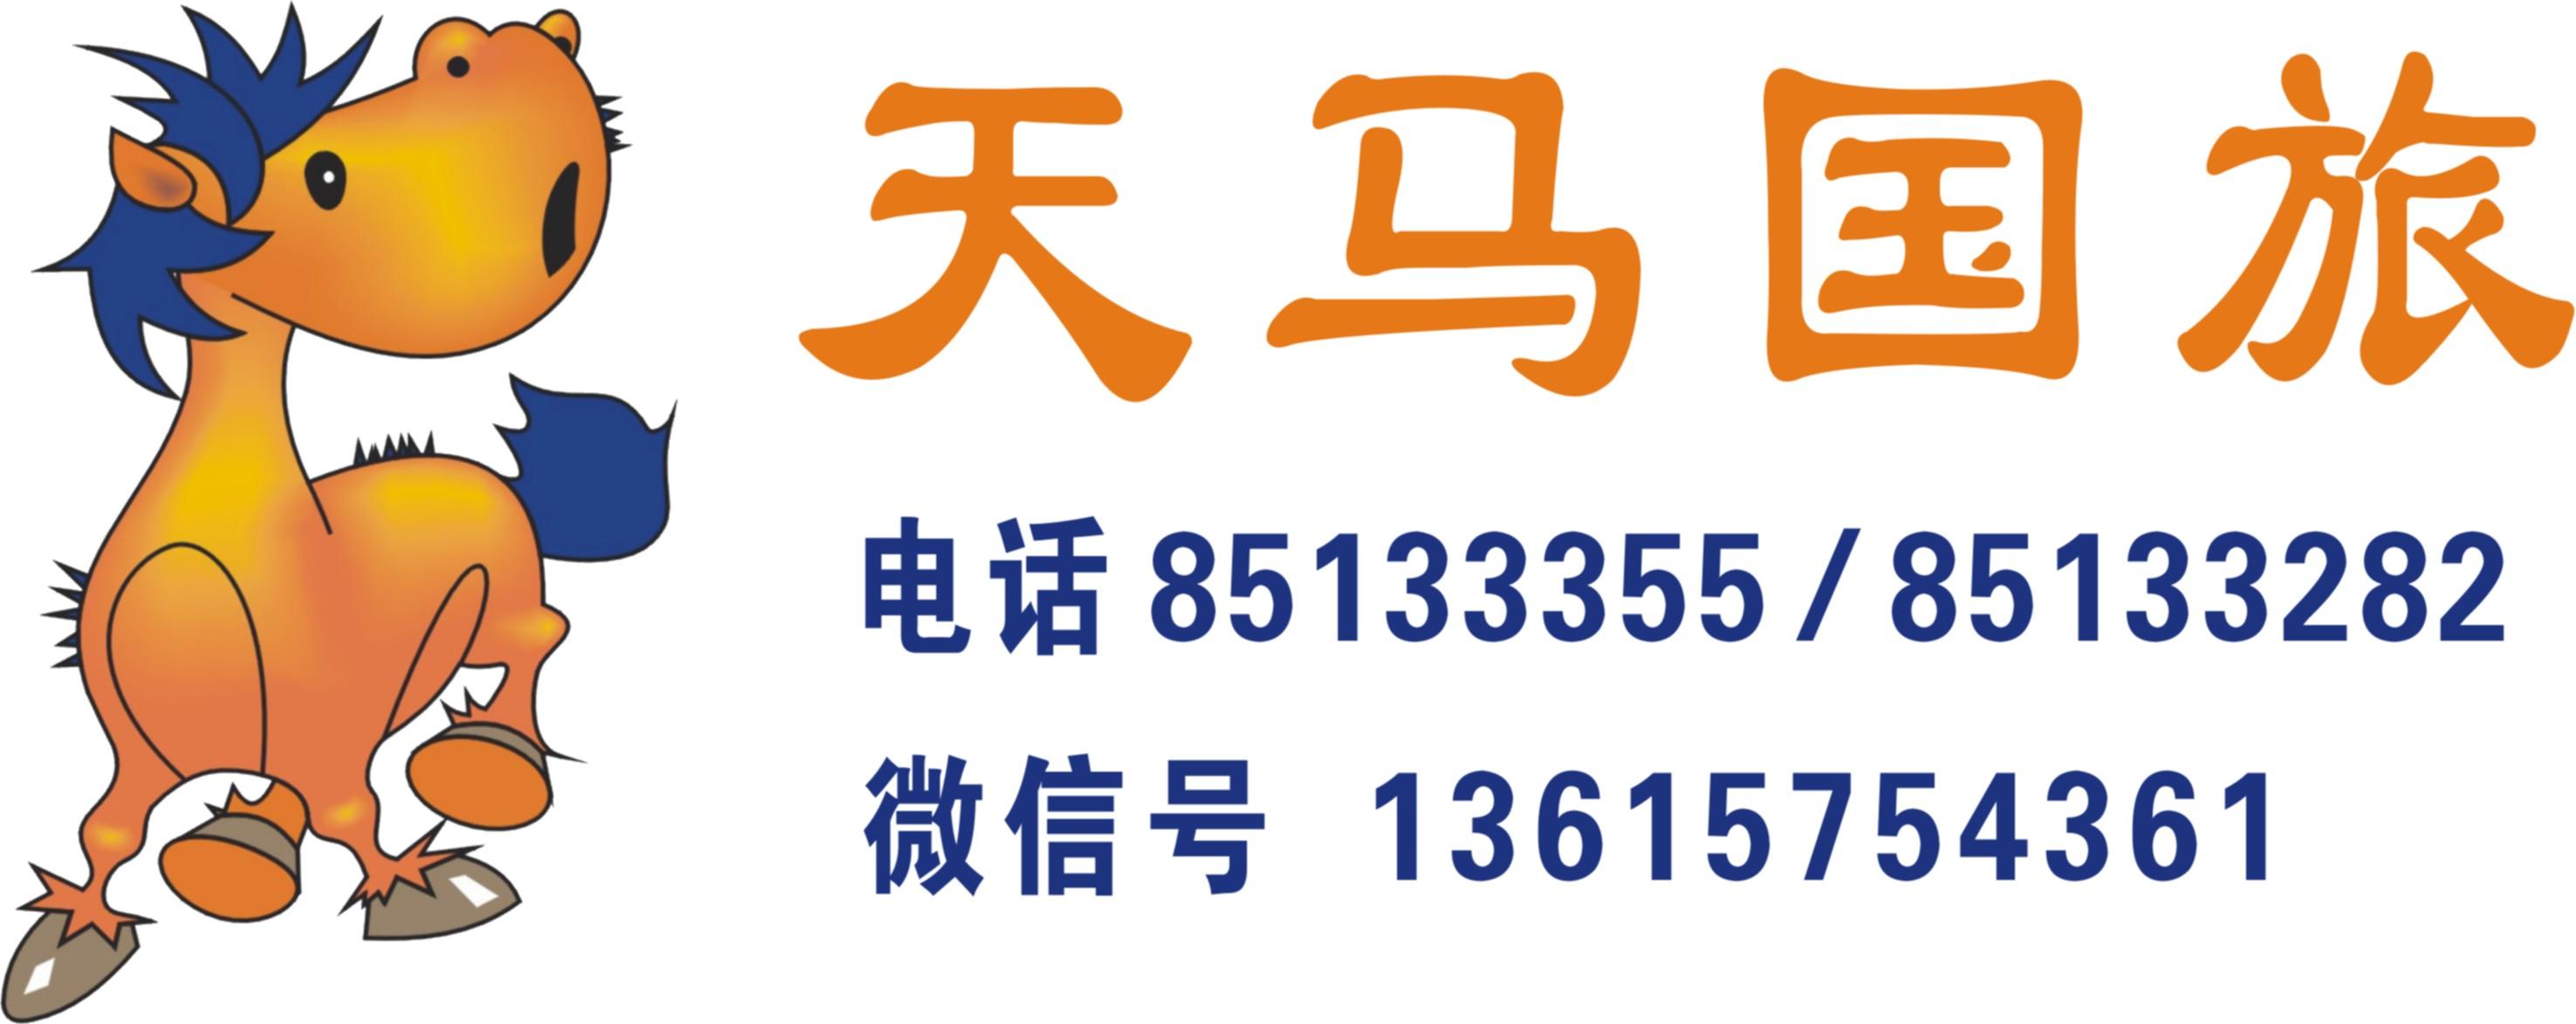 7-8月【纯玩新花样 昆明大理丽江双飞纯玩6日】特色五星酒店